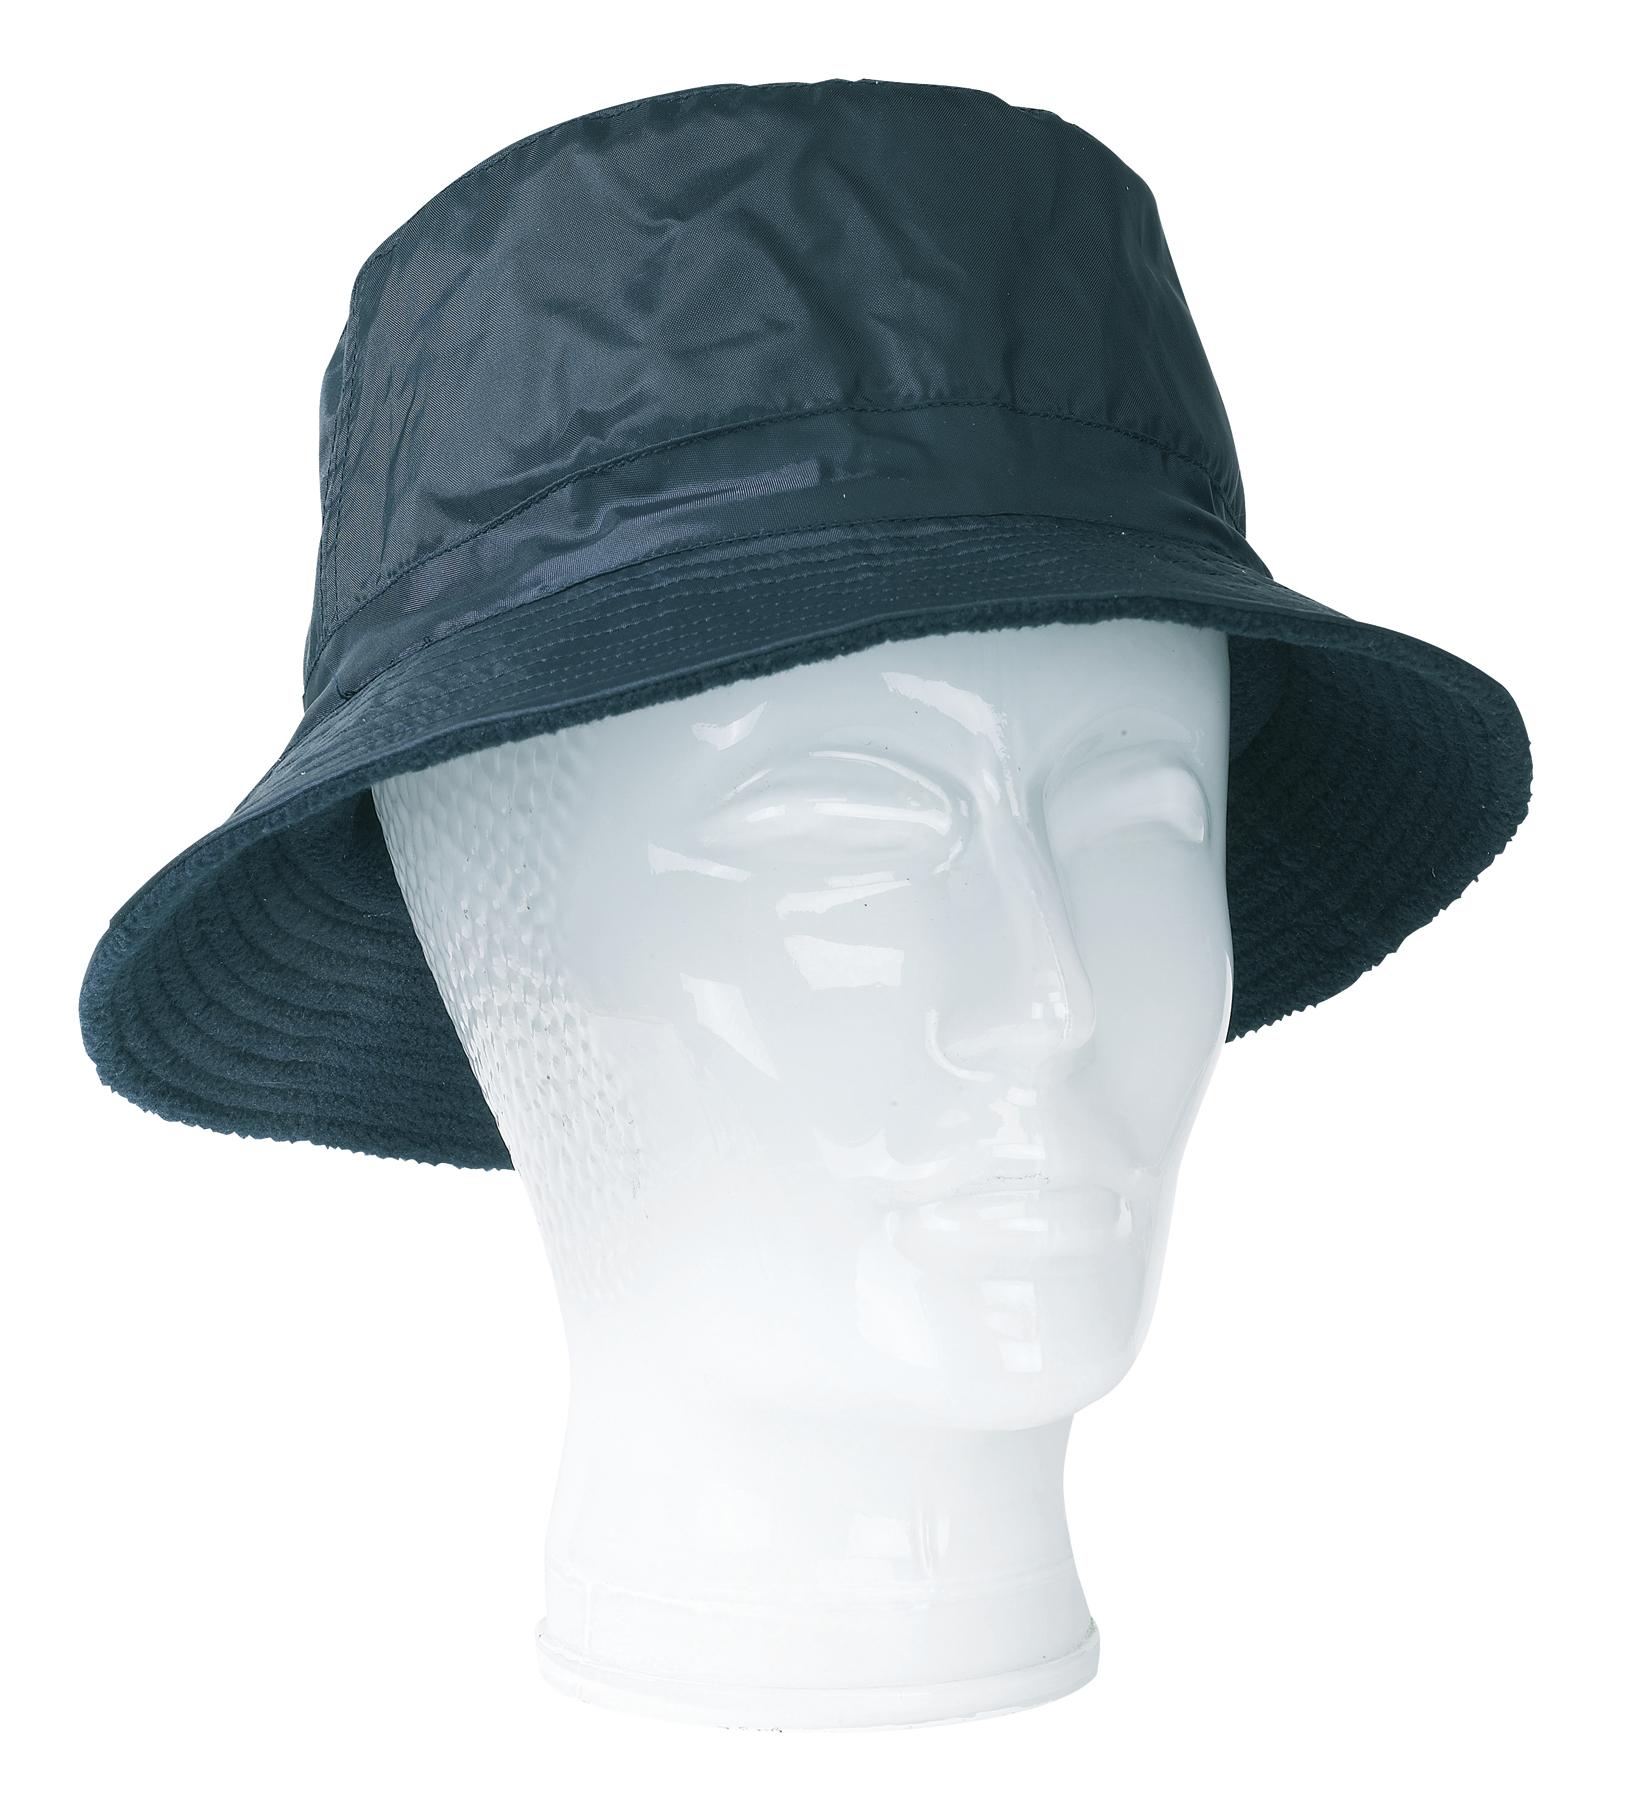 Dwustronny kapelusz SWITCH, niebieski